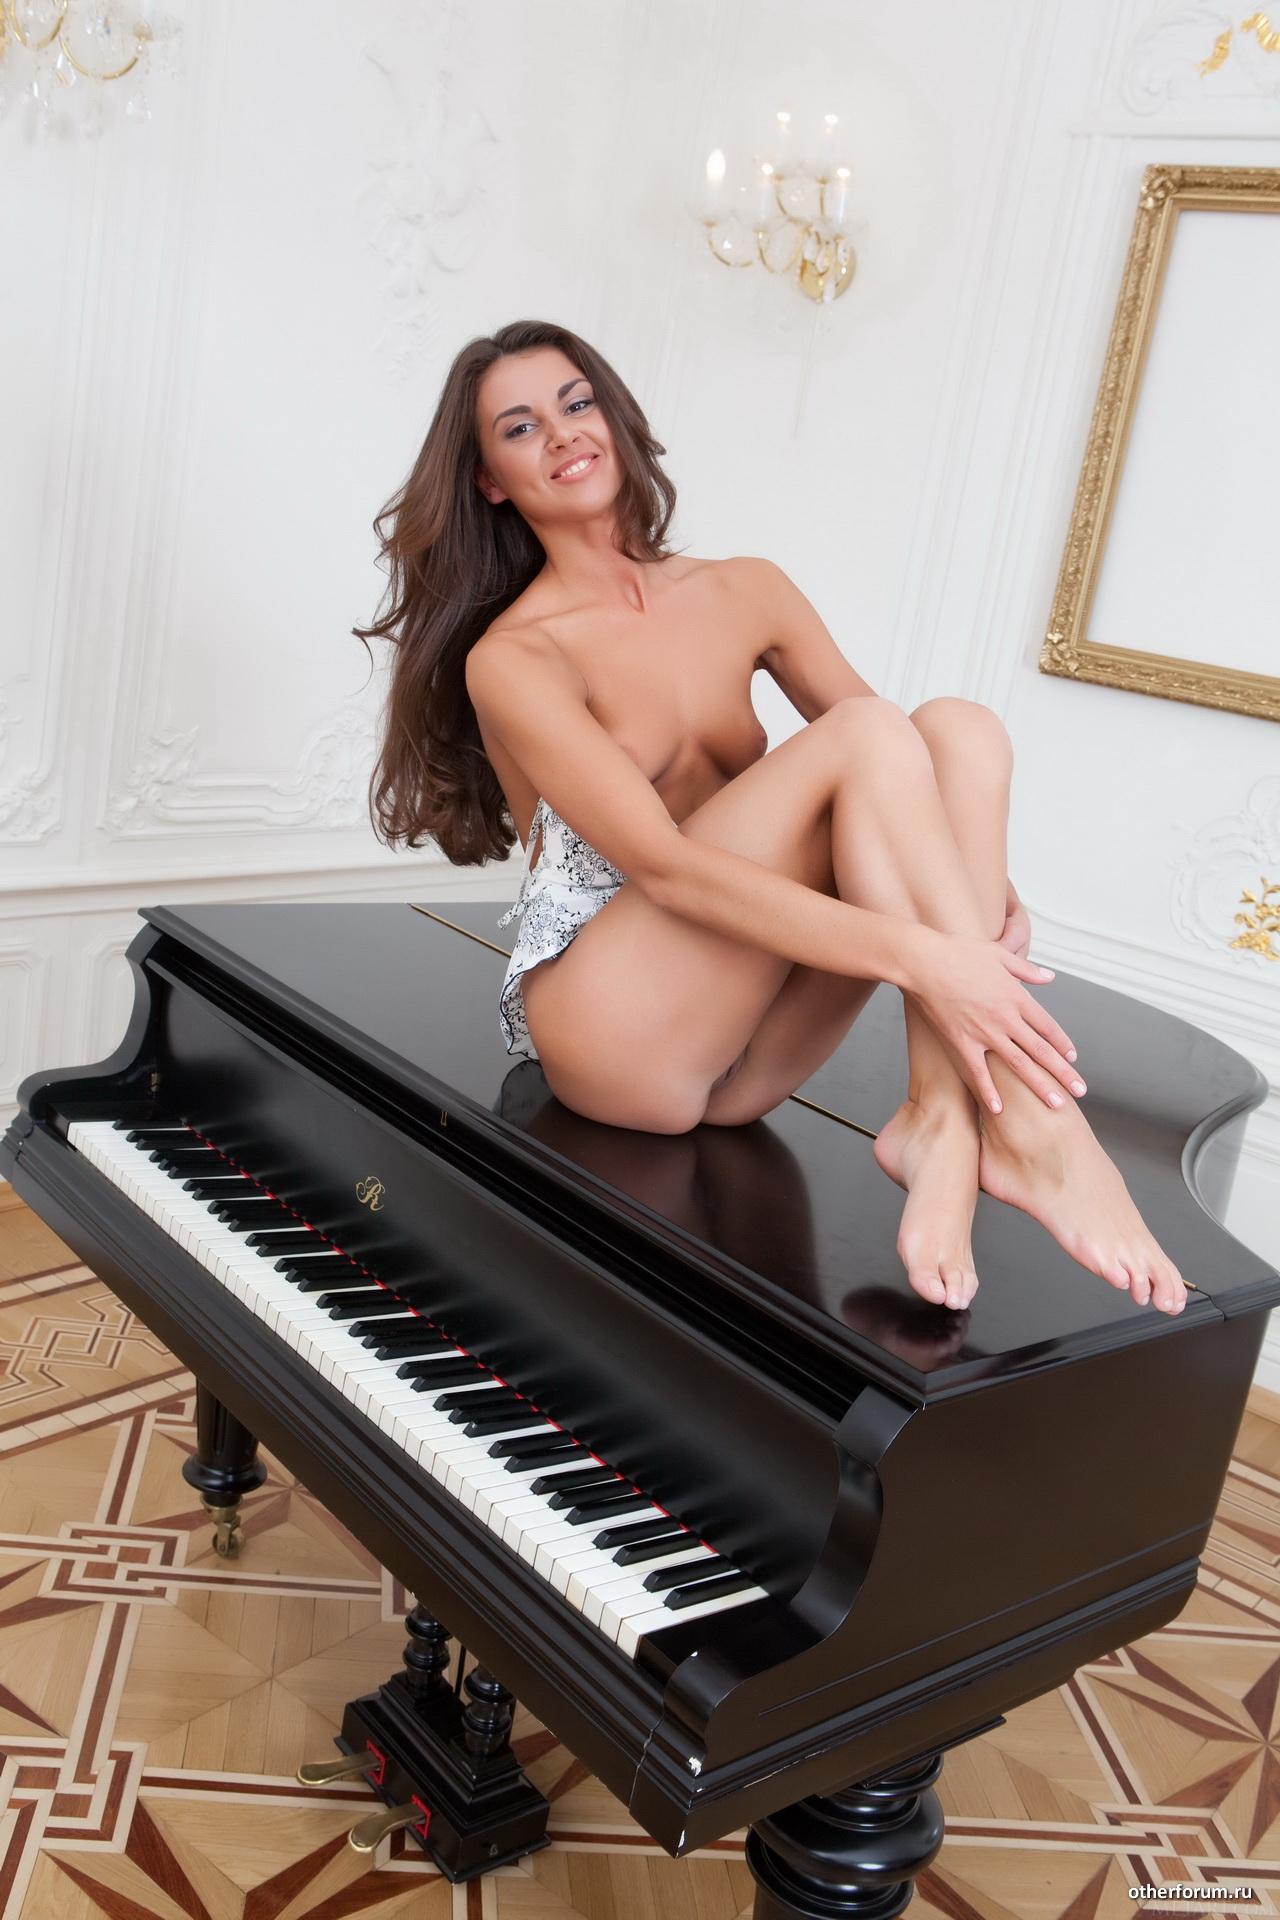 смотреть домашний эротика с пианино бесприкословно радостью выполняю